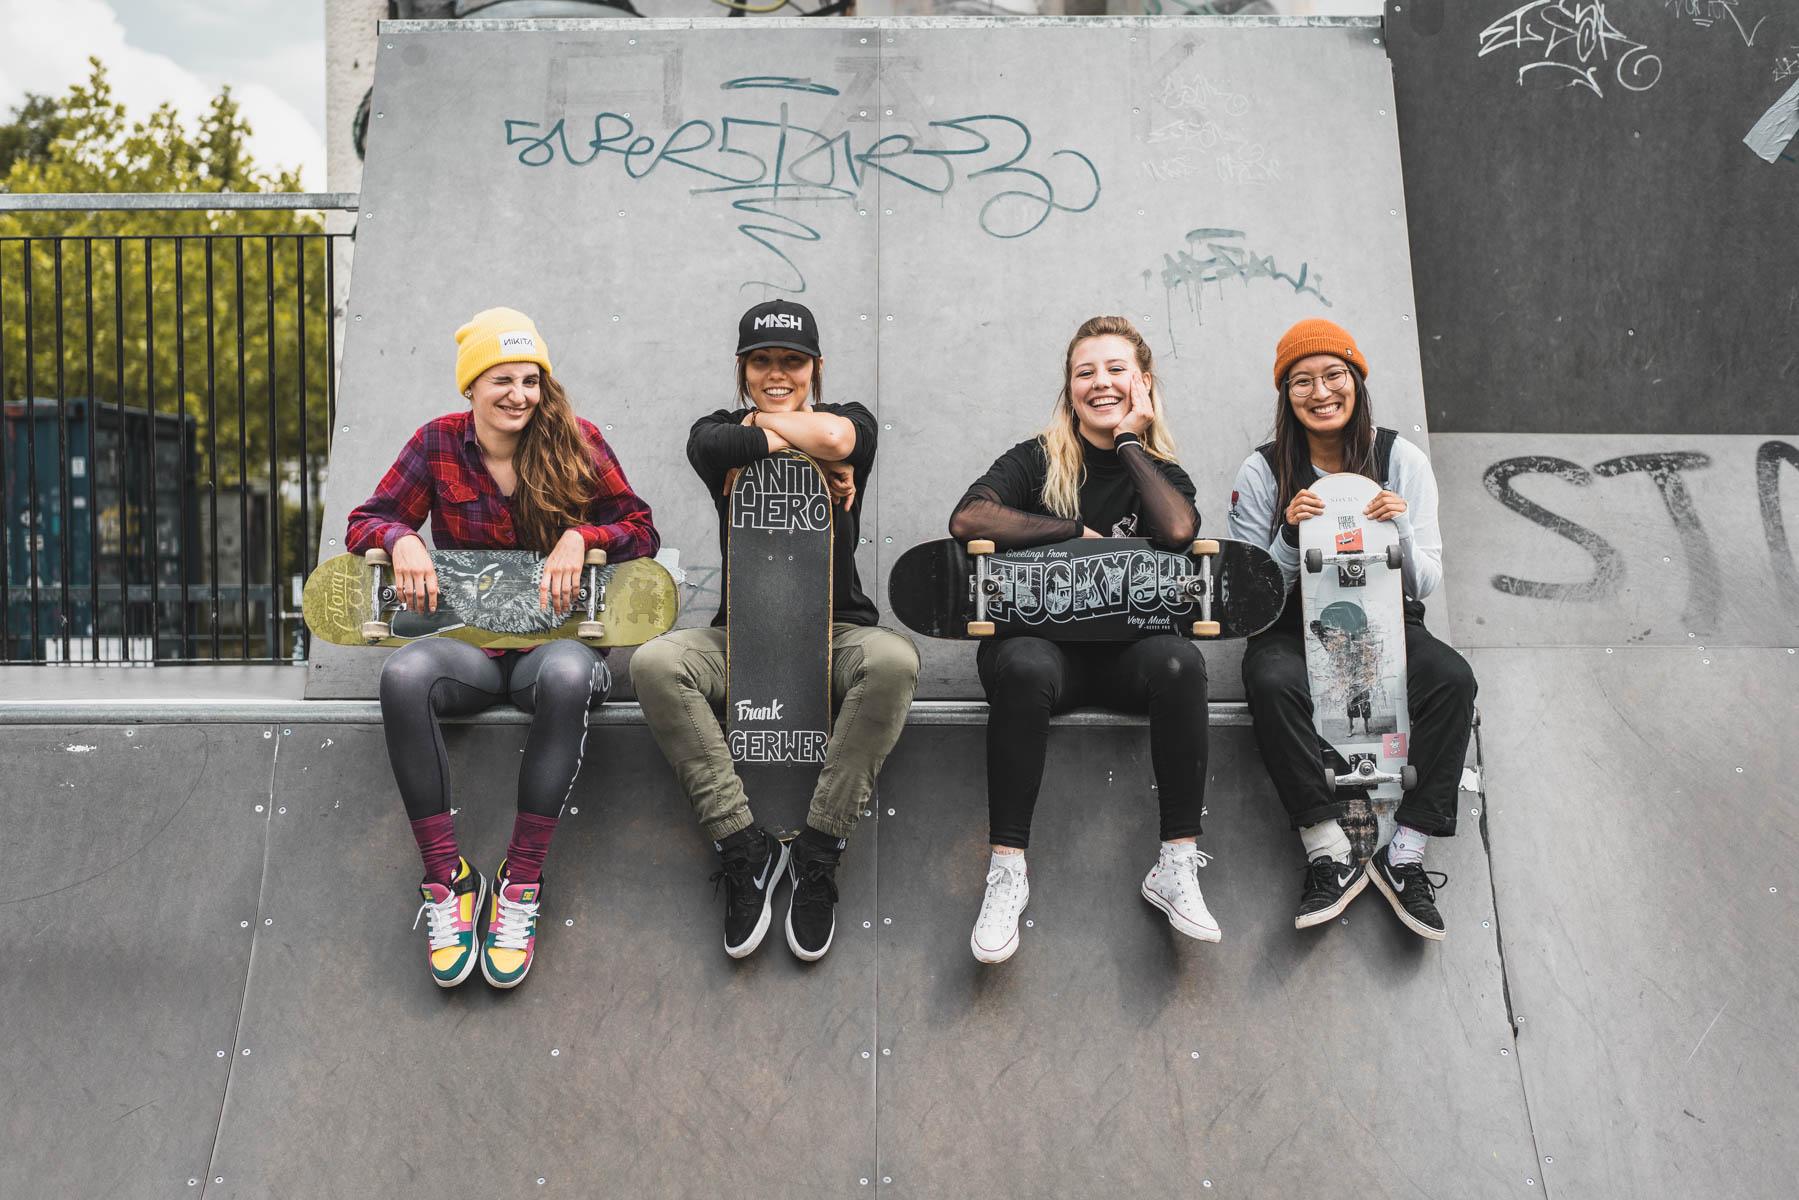 Die Strategie der Skatehoes? Sensibilisieren mit Humor! – ©wunderland media GmbH